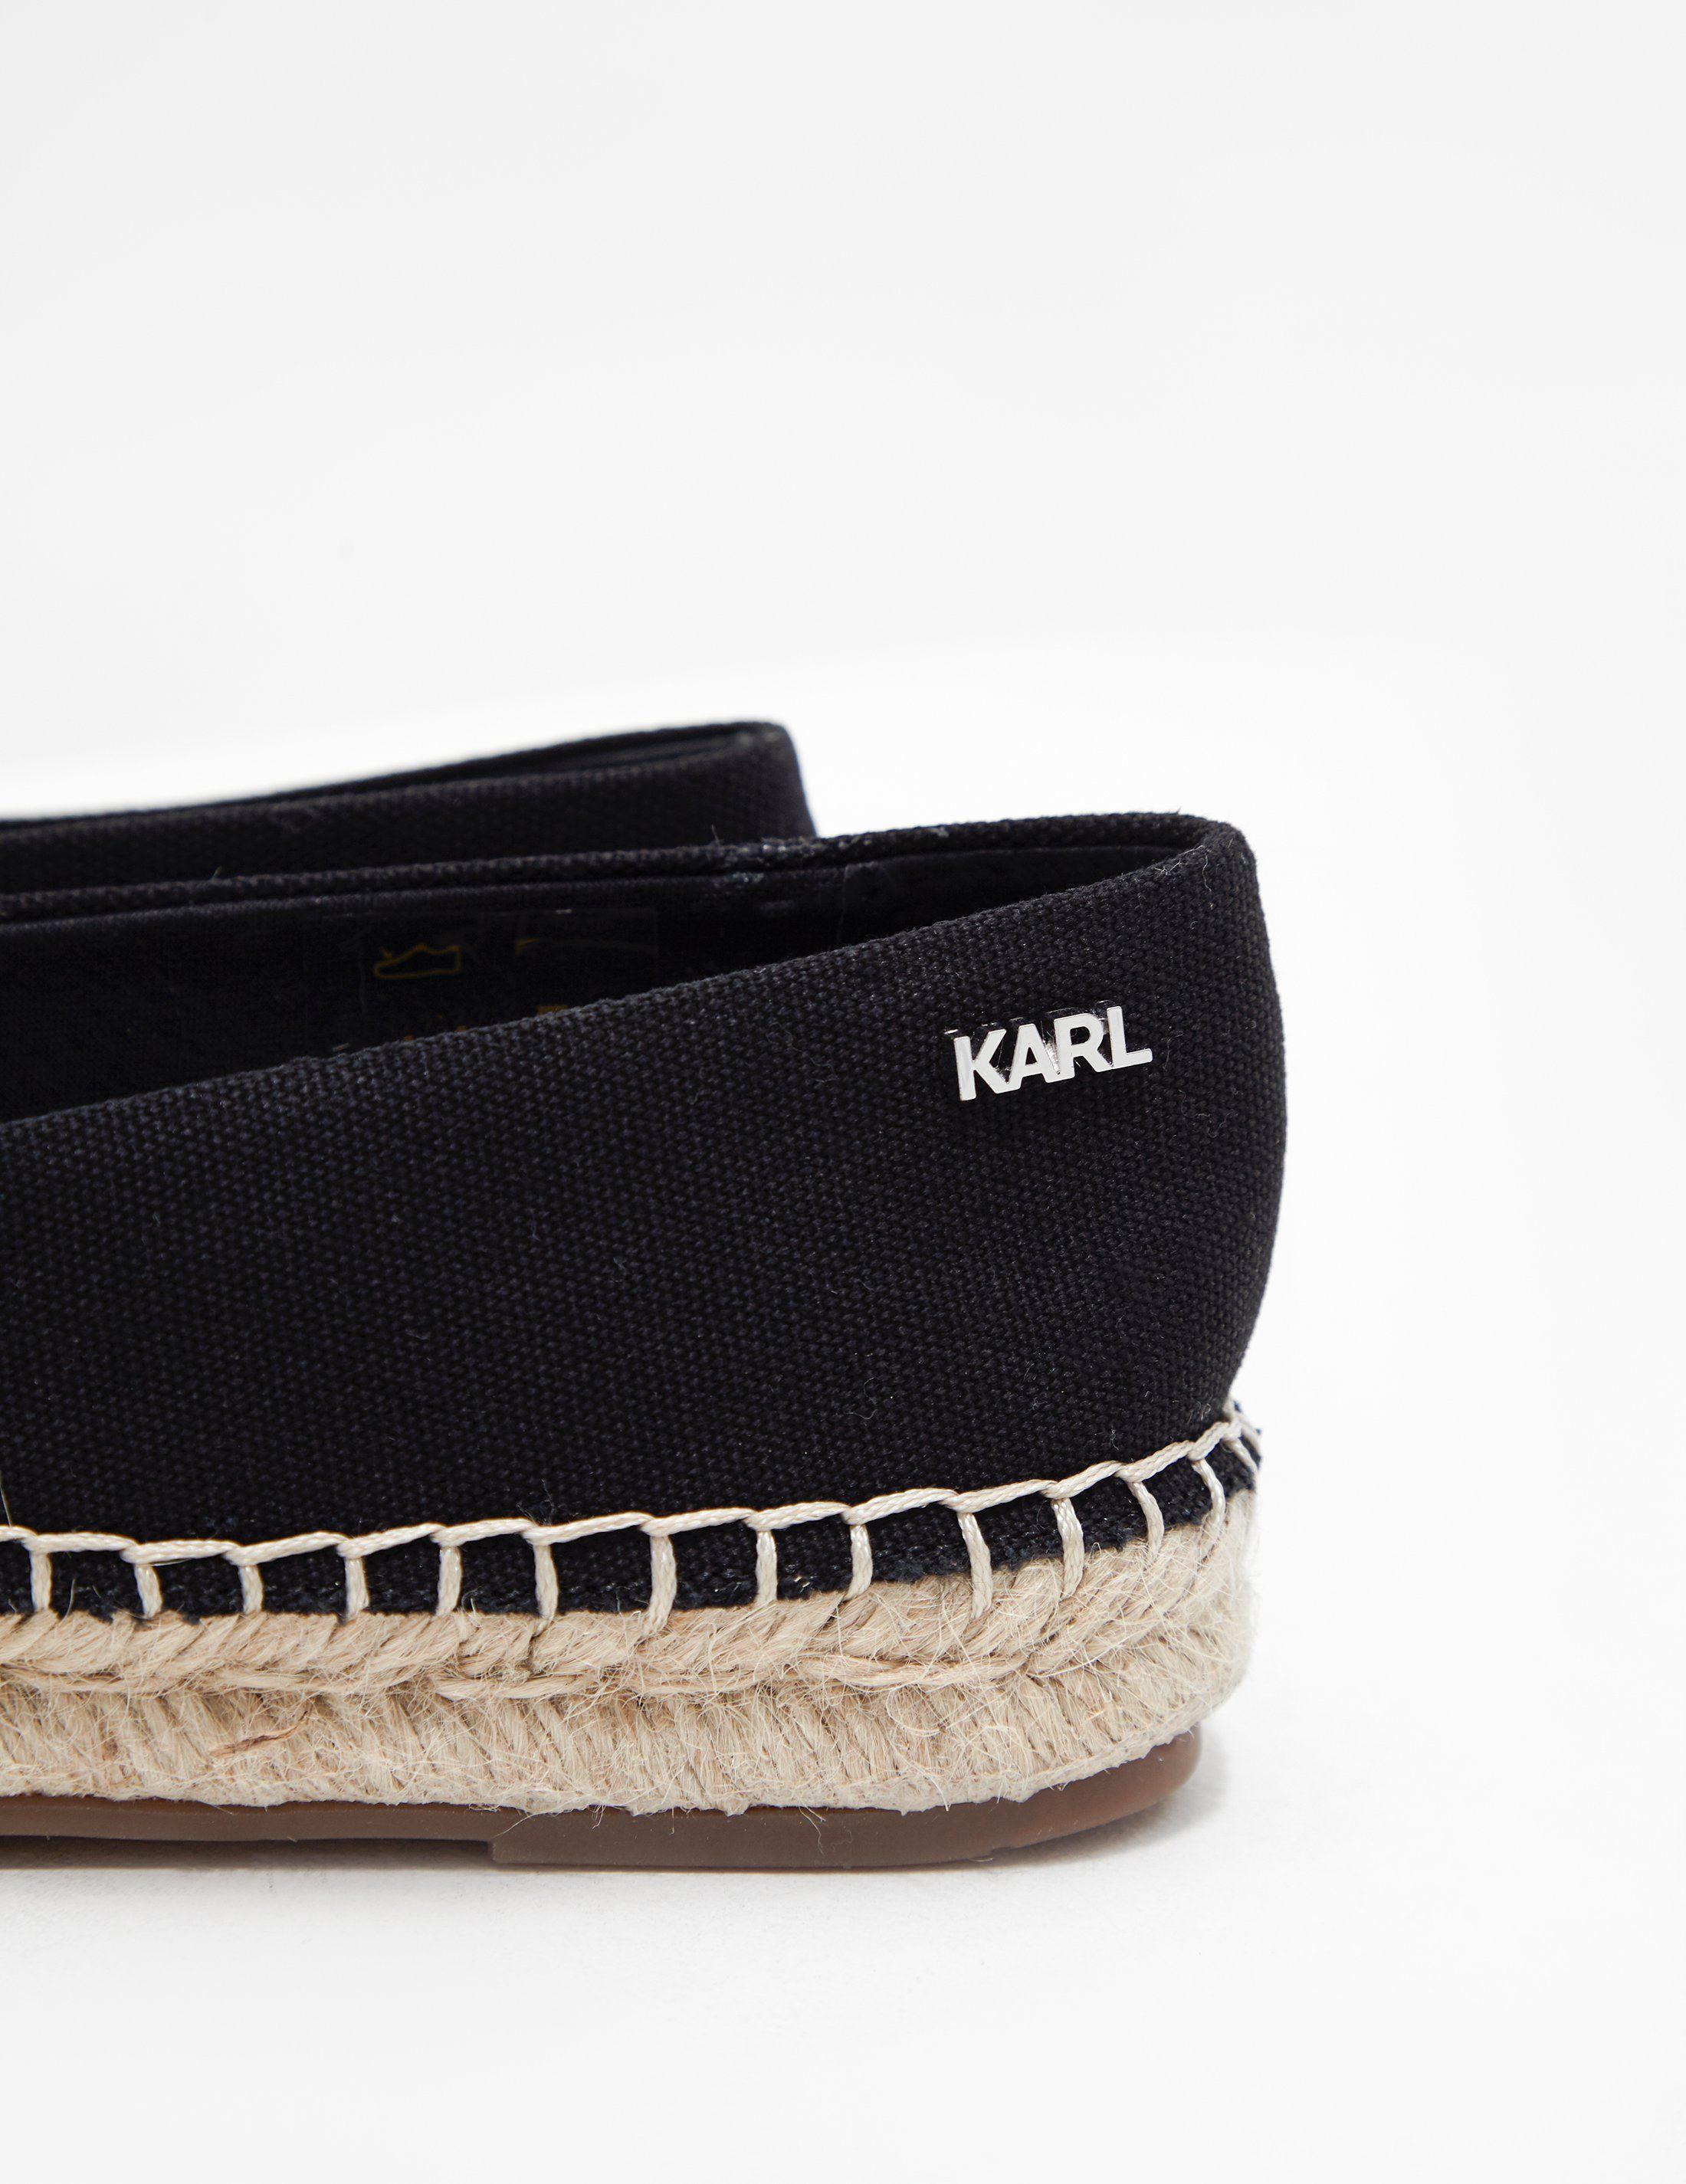 Karl Lagerfeld Kamini Espadrilles